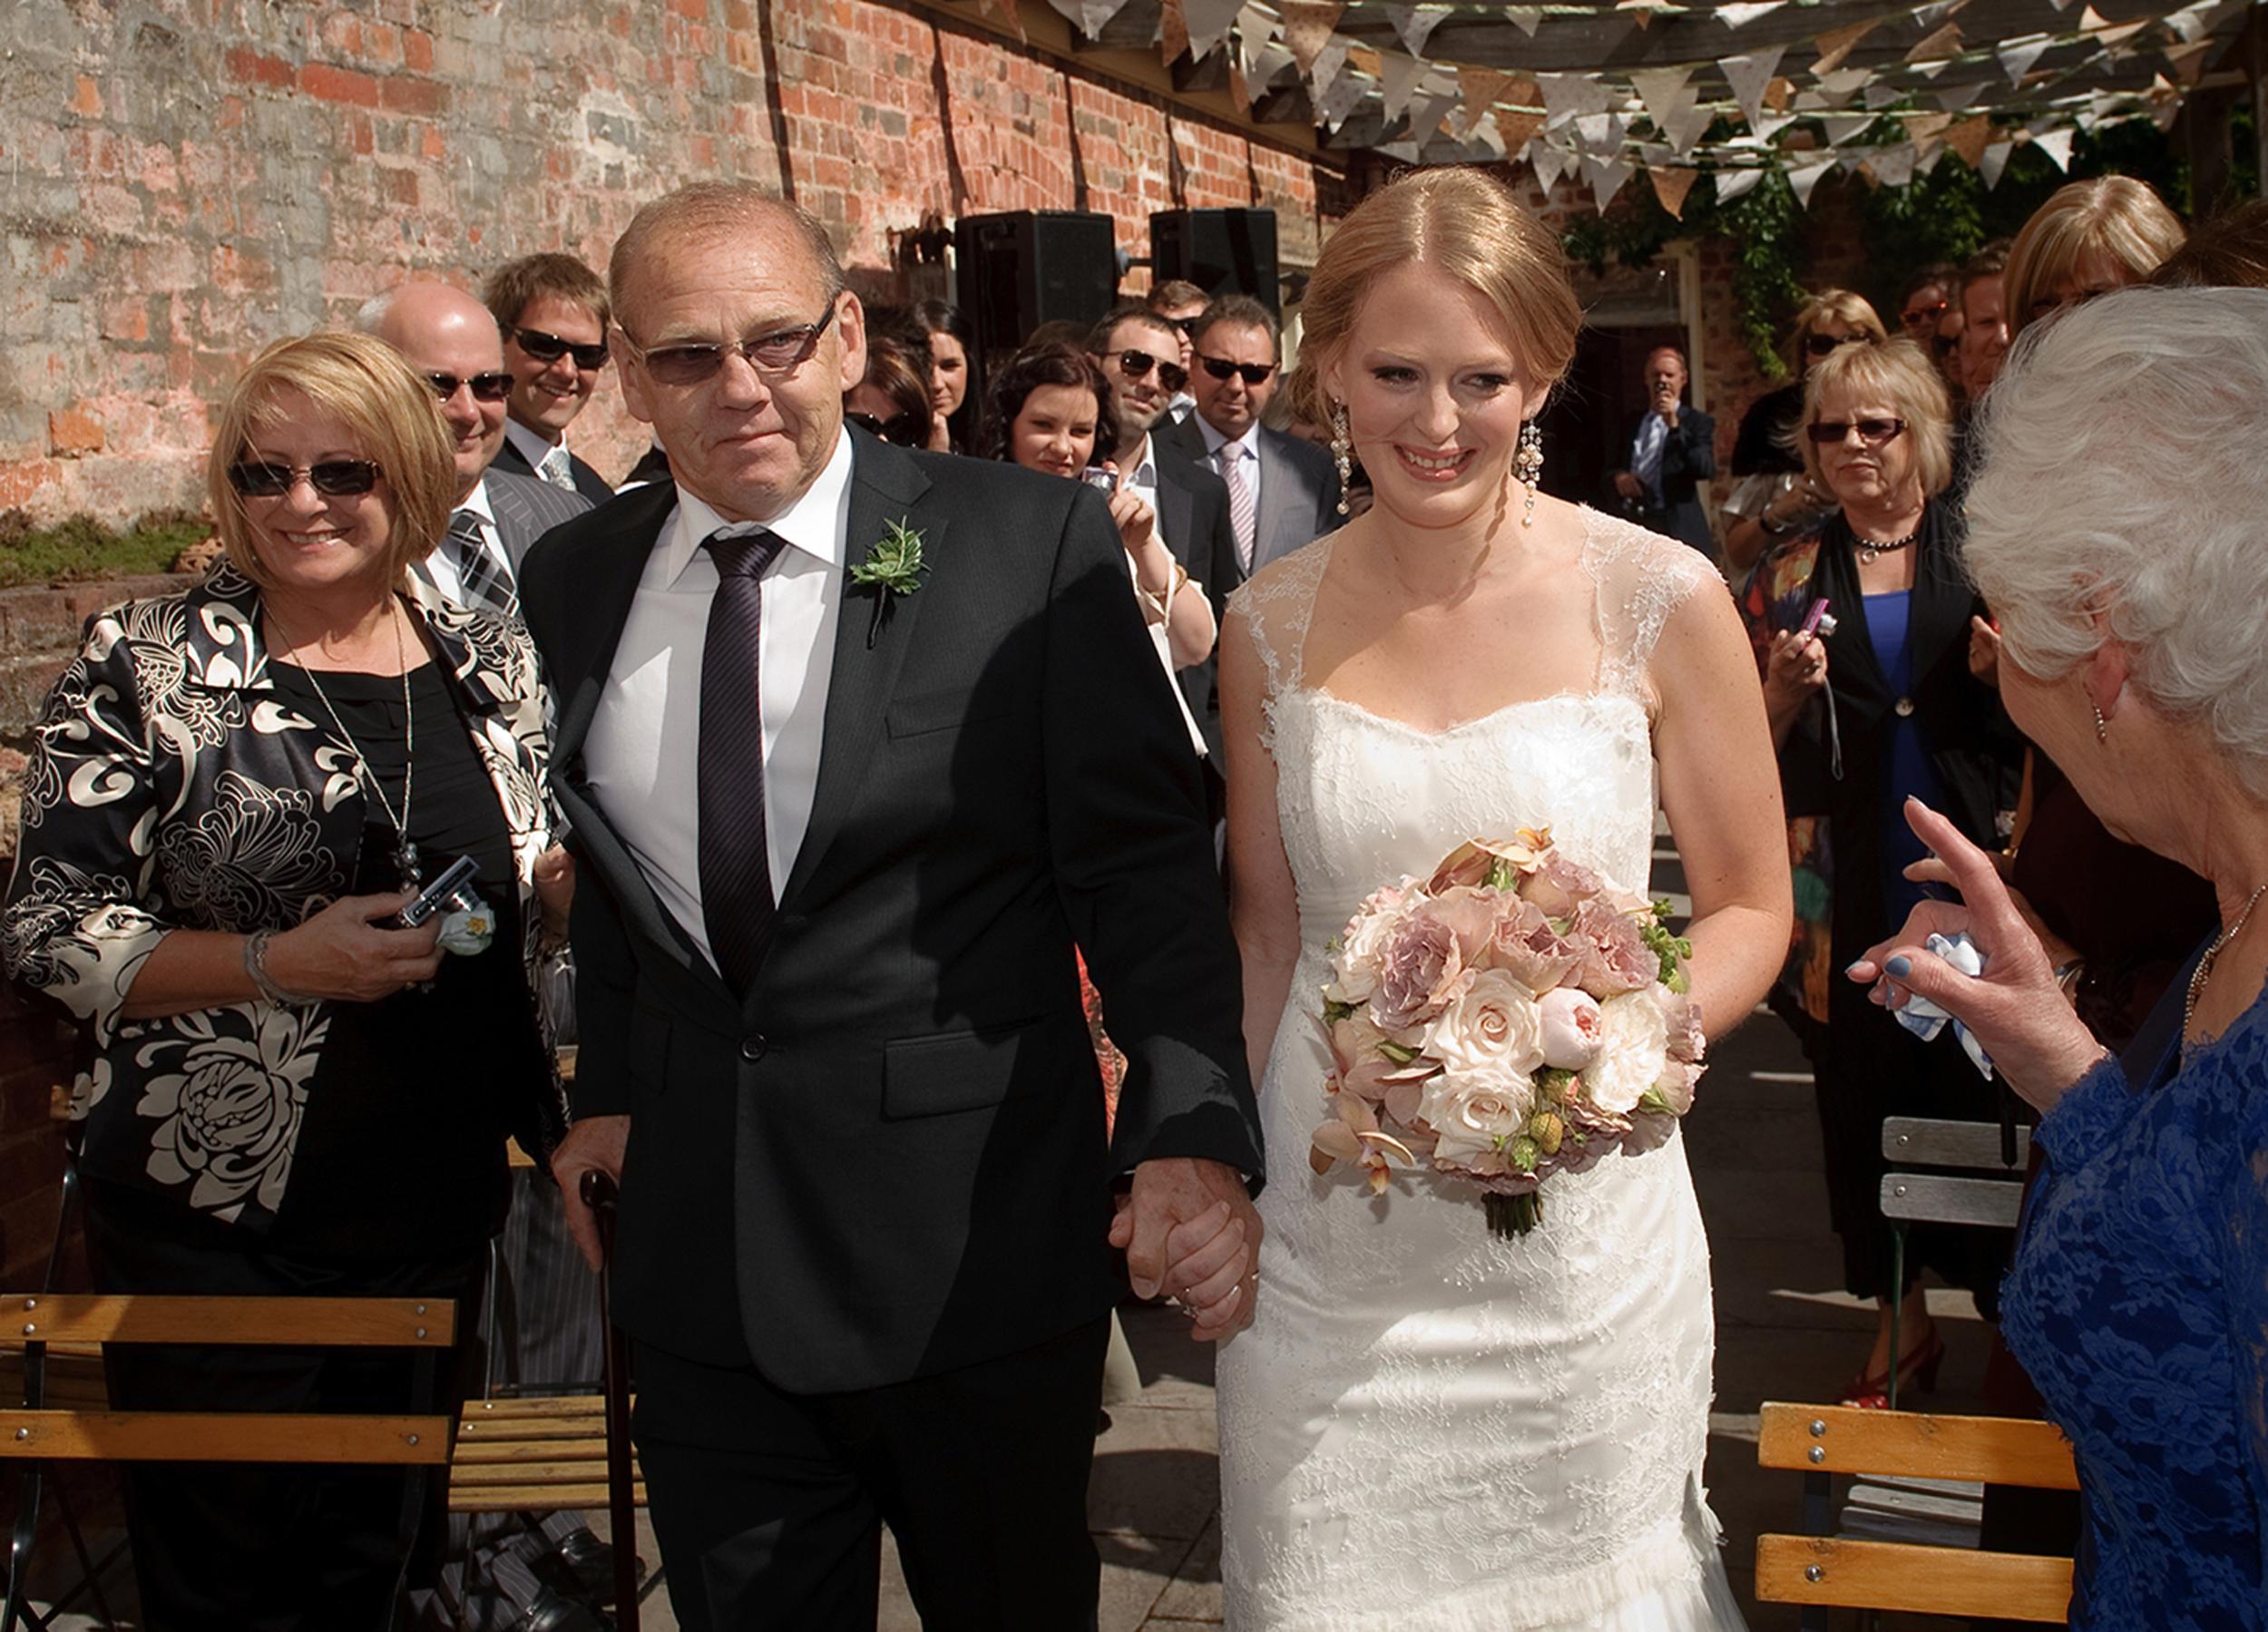 euroa_butter_factory_wedding_photography_63.jpg